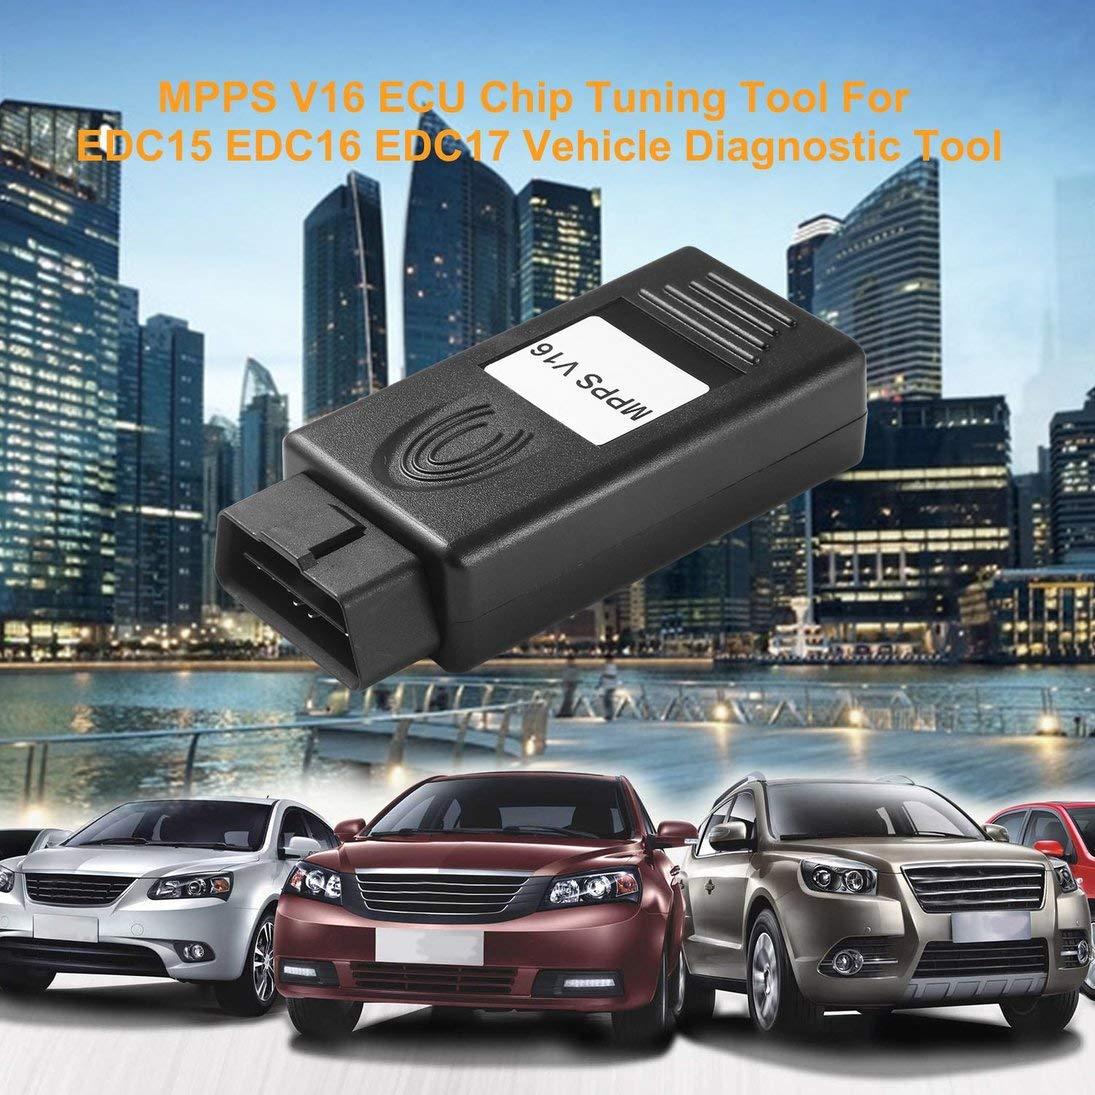 ToGames-IT Strumento di Tuning Chip ECU MPPS V16 per EDC15 EDC16 Strumento diagnostico Veicolo EDC17